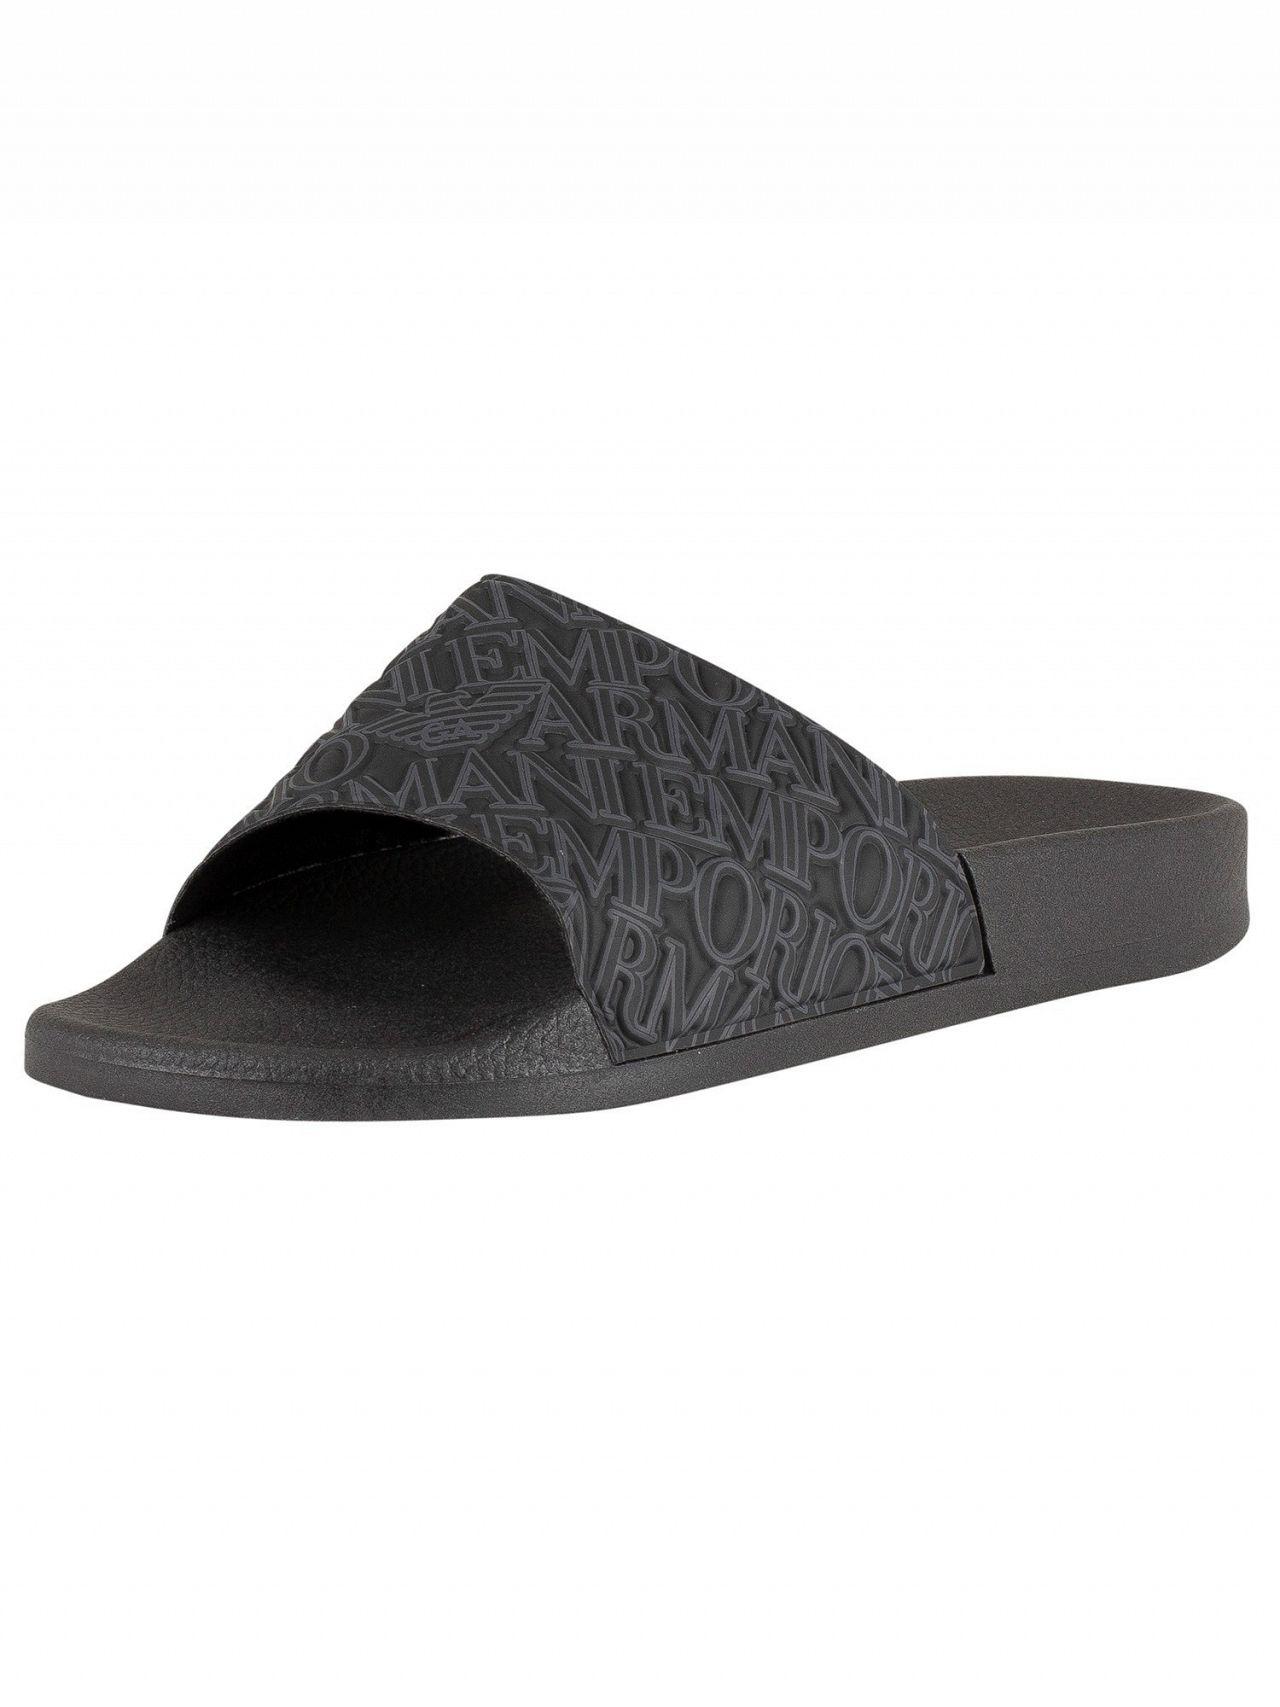 a88b060c25df Emporio Armani Black Allover Logo Sliders